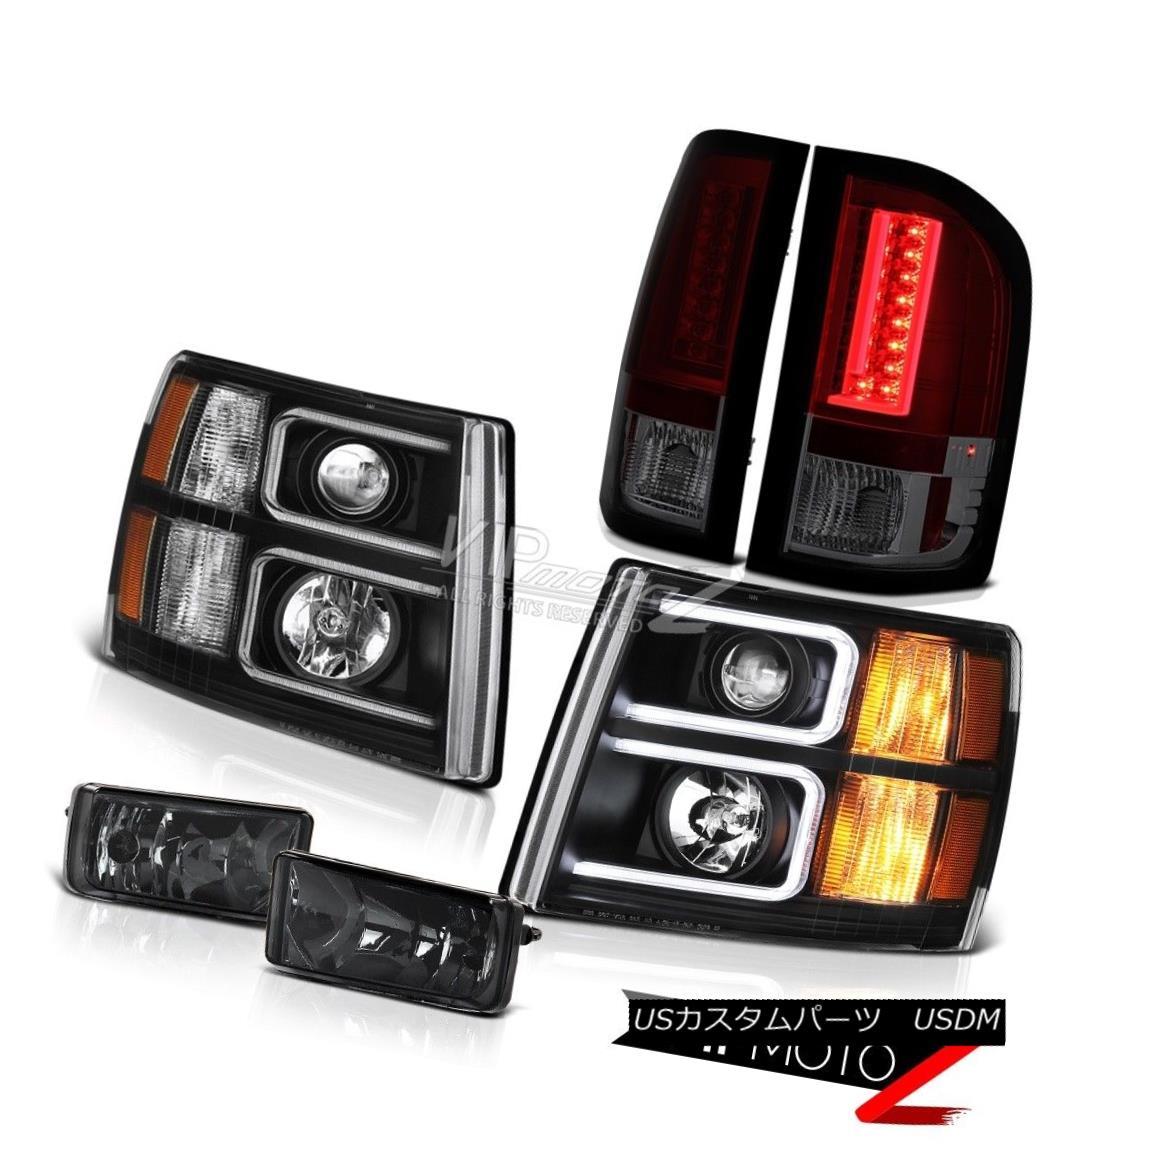 ヘッドライト 2007-2013 Silverado WT Taillamps Headlamps Foglamps Tron Style Tron Tube Newest 2007-2013 Silverado WT TaillampsヘッドランプフォグランプTronスタイルTronチューブ最新